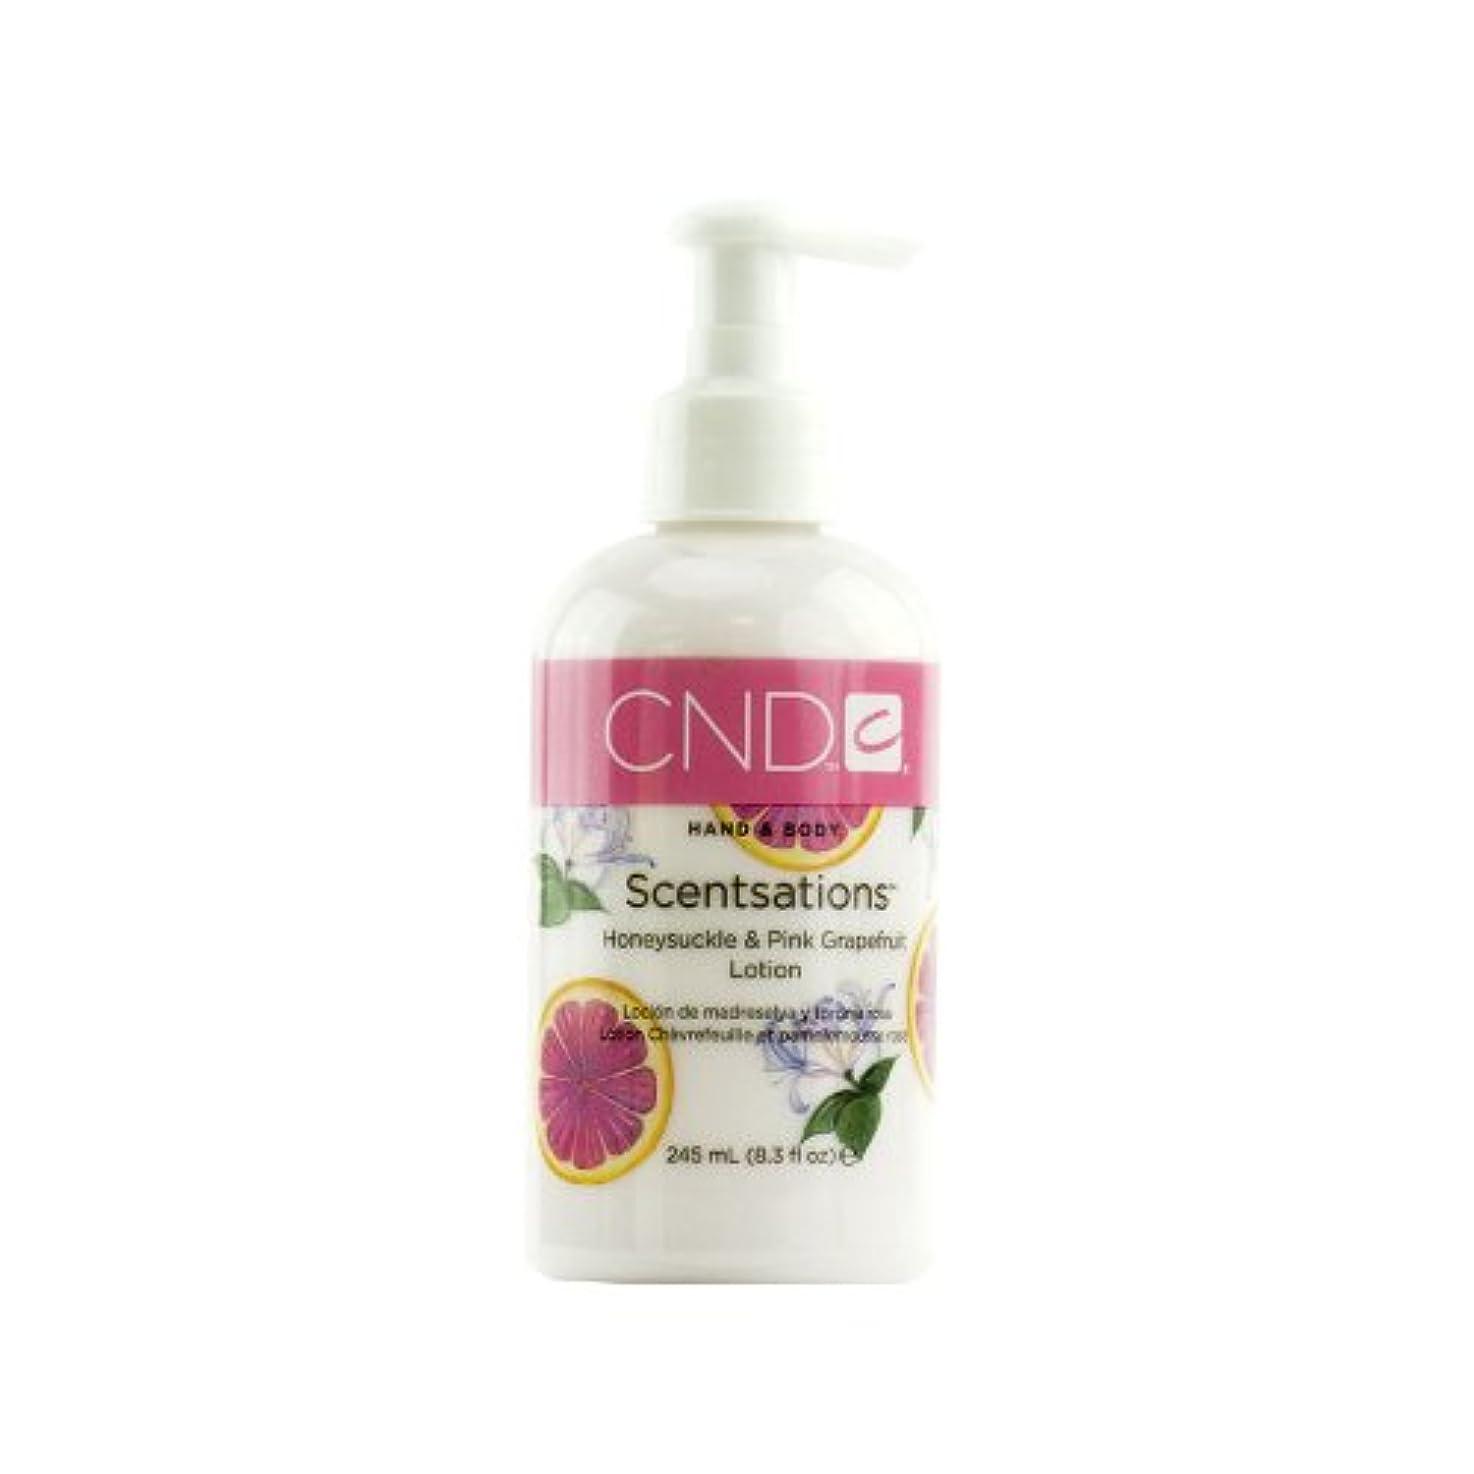 インフルエンザ富やりがいのあるCND センセーション ハンド&ボディローション ハニーサックル&ピンクグレープフルーツ 245ml みずみずしいフェミニンな香り